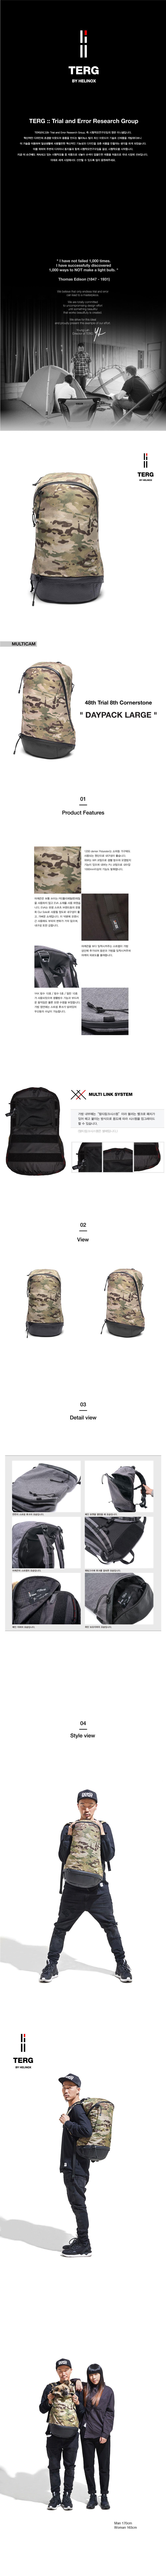 20160429_Daypack-Large-multicam.jpg